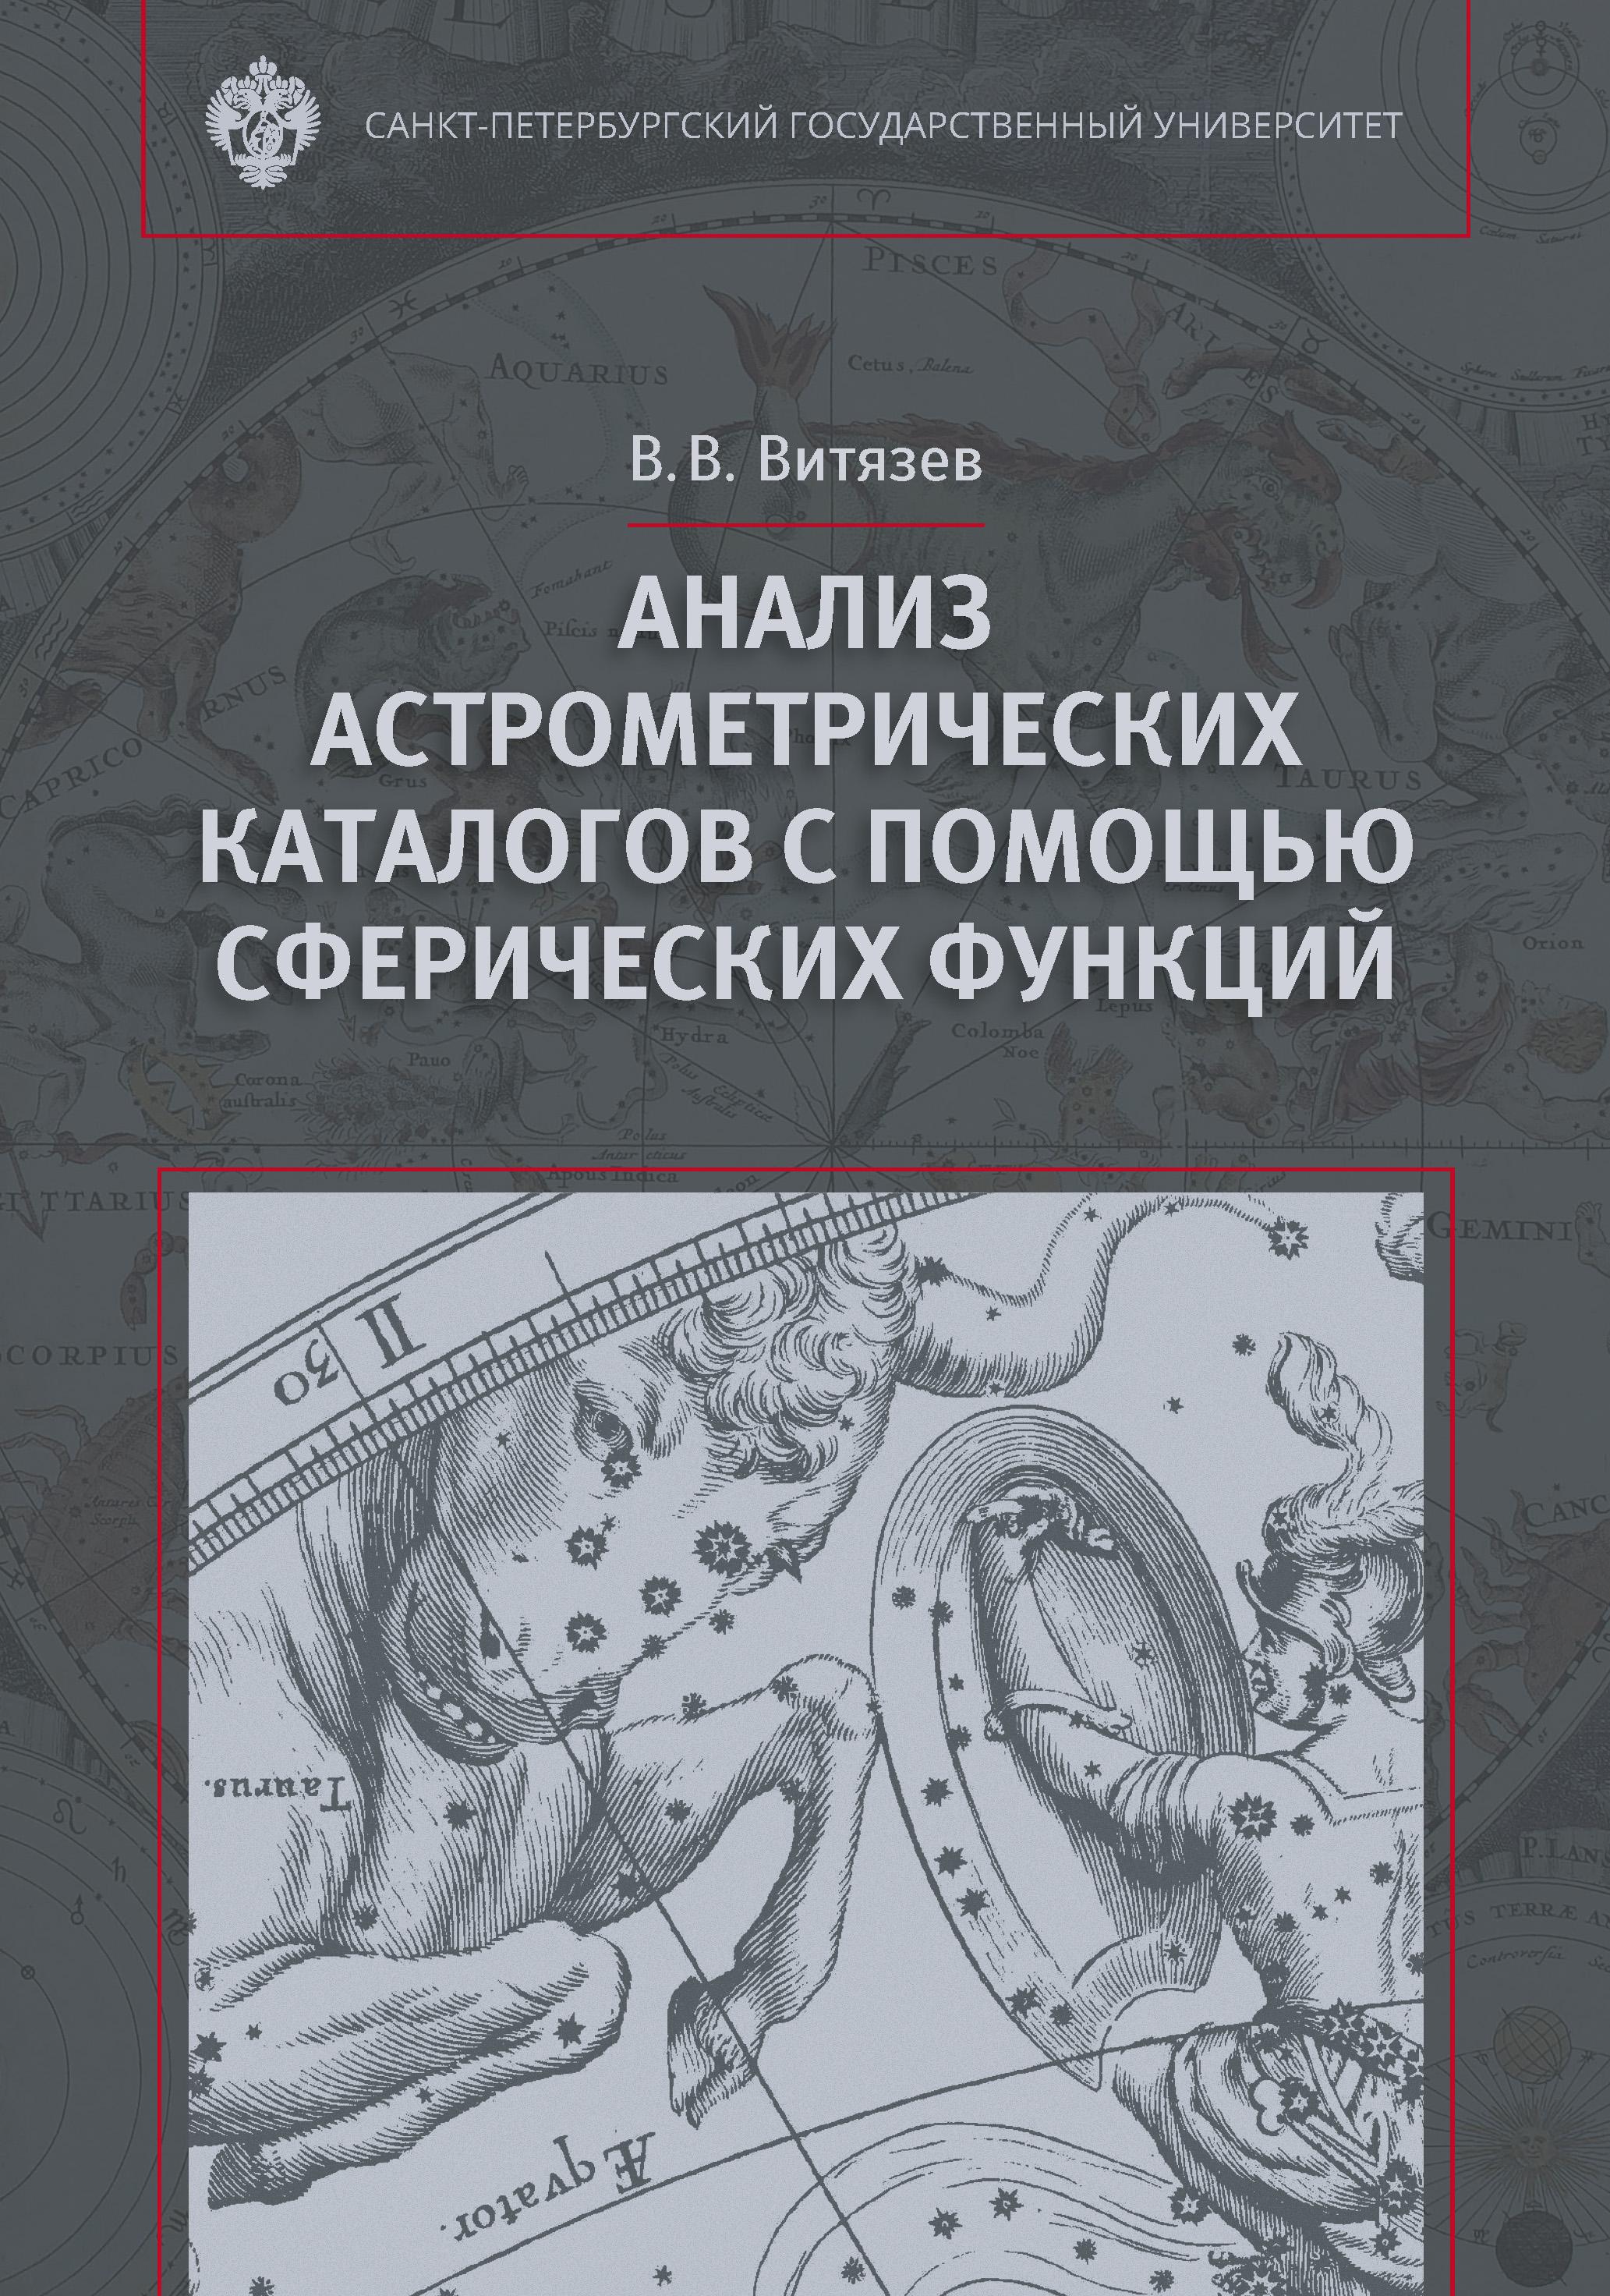 Анализ астрометрических каталогов с помощью сферических функций